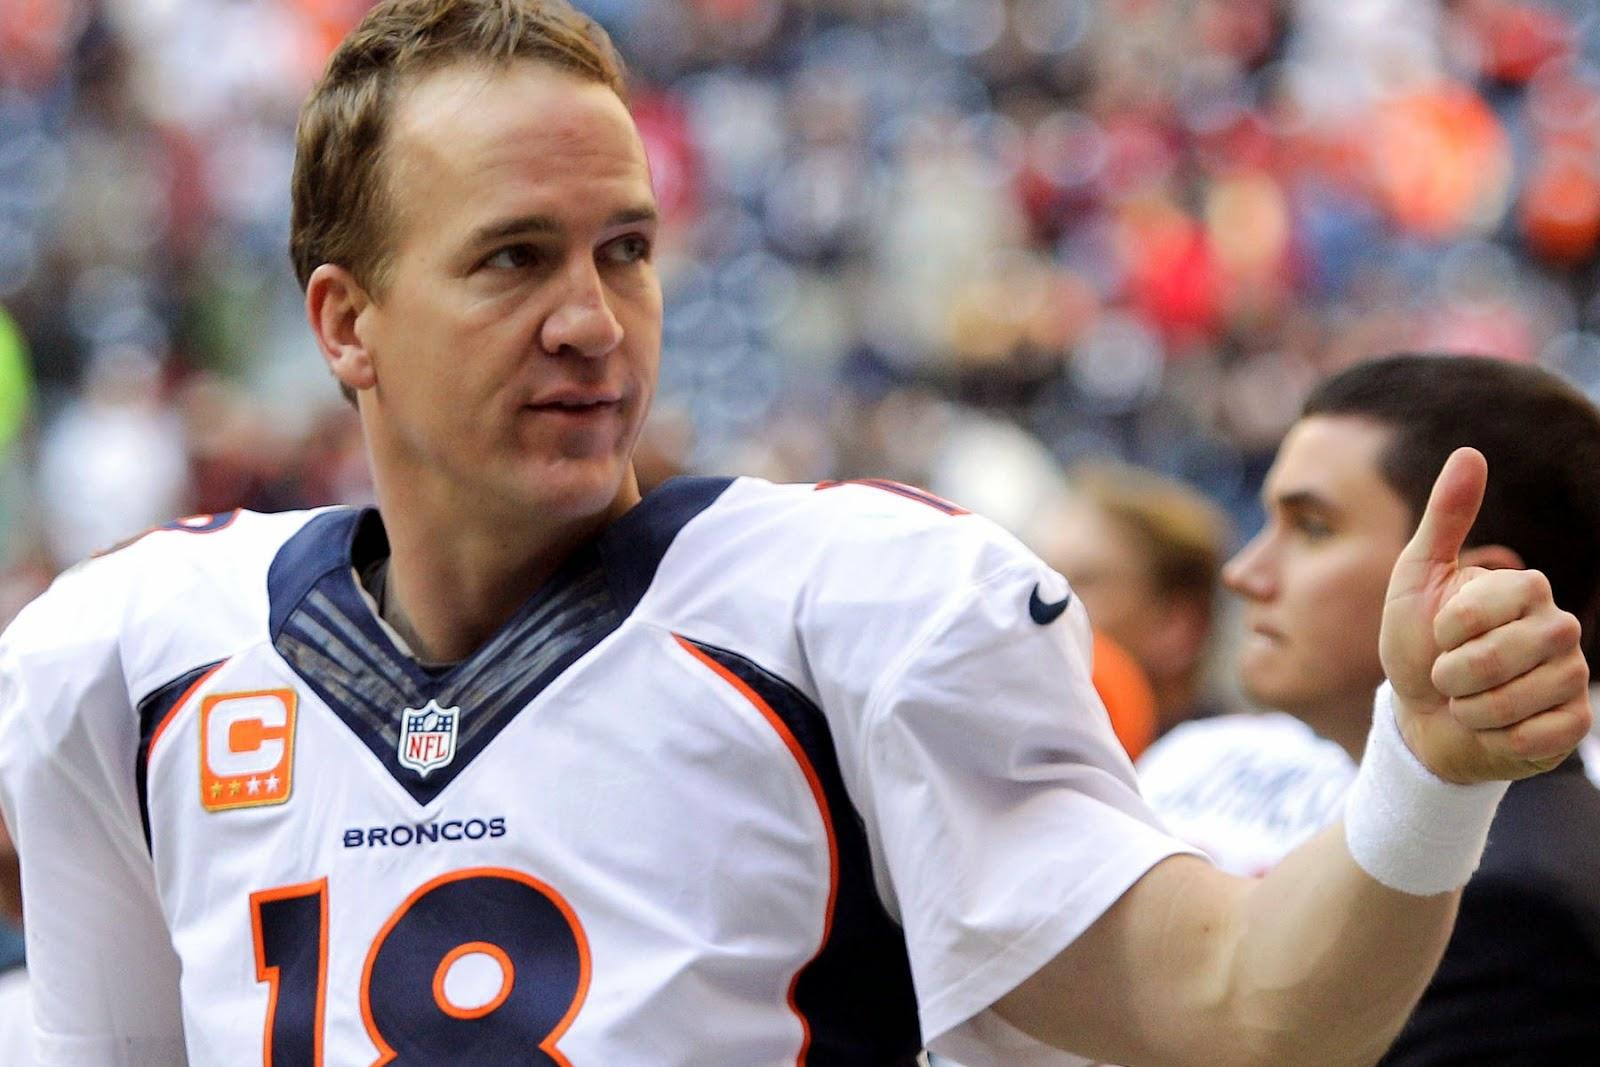 Peyton Manning premii bet at home 50 warunków Divorce